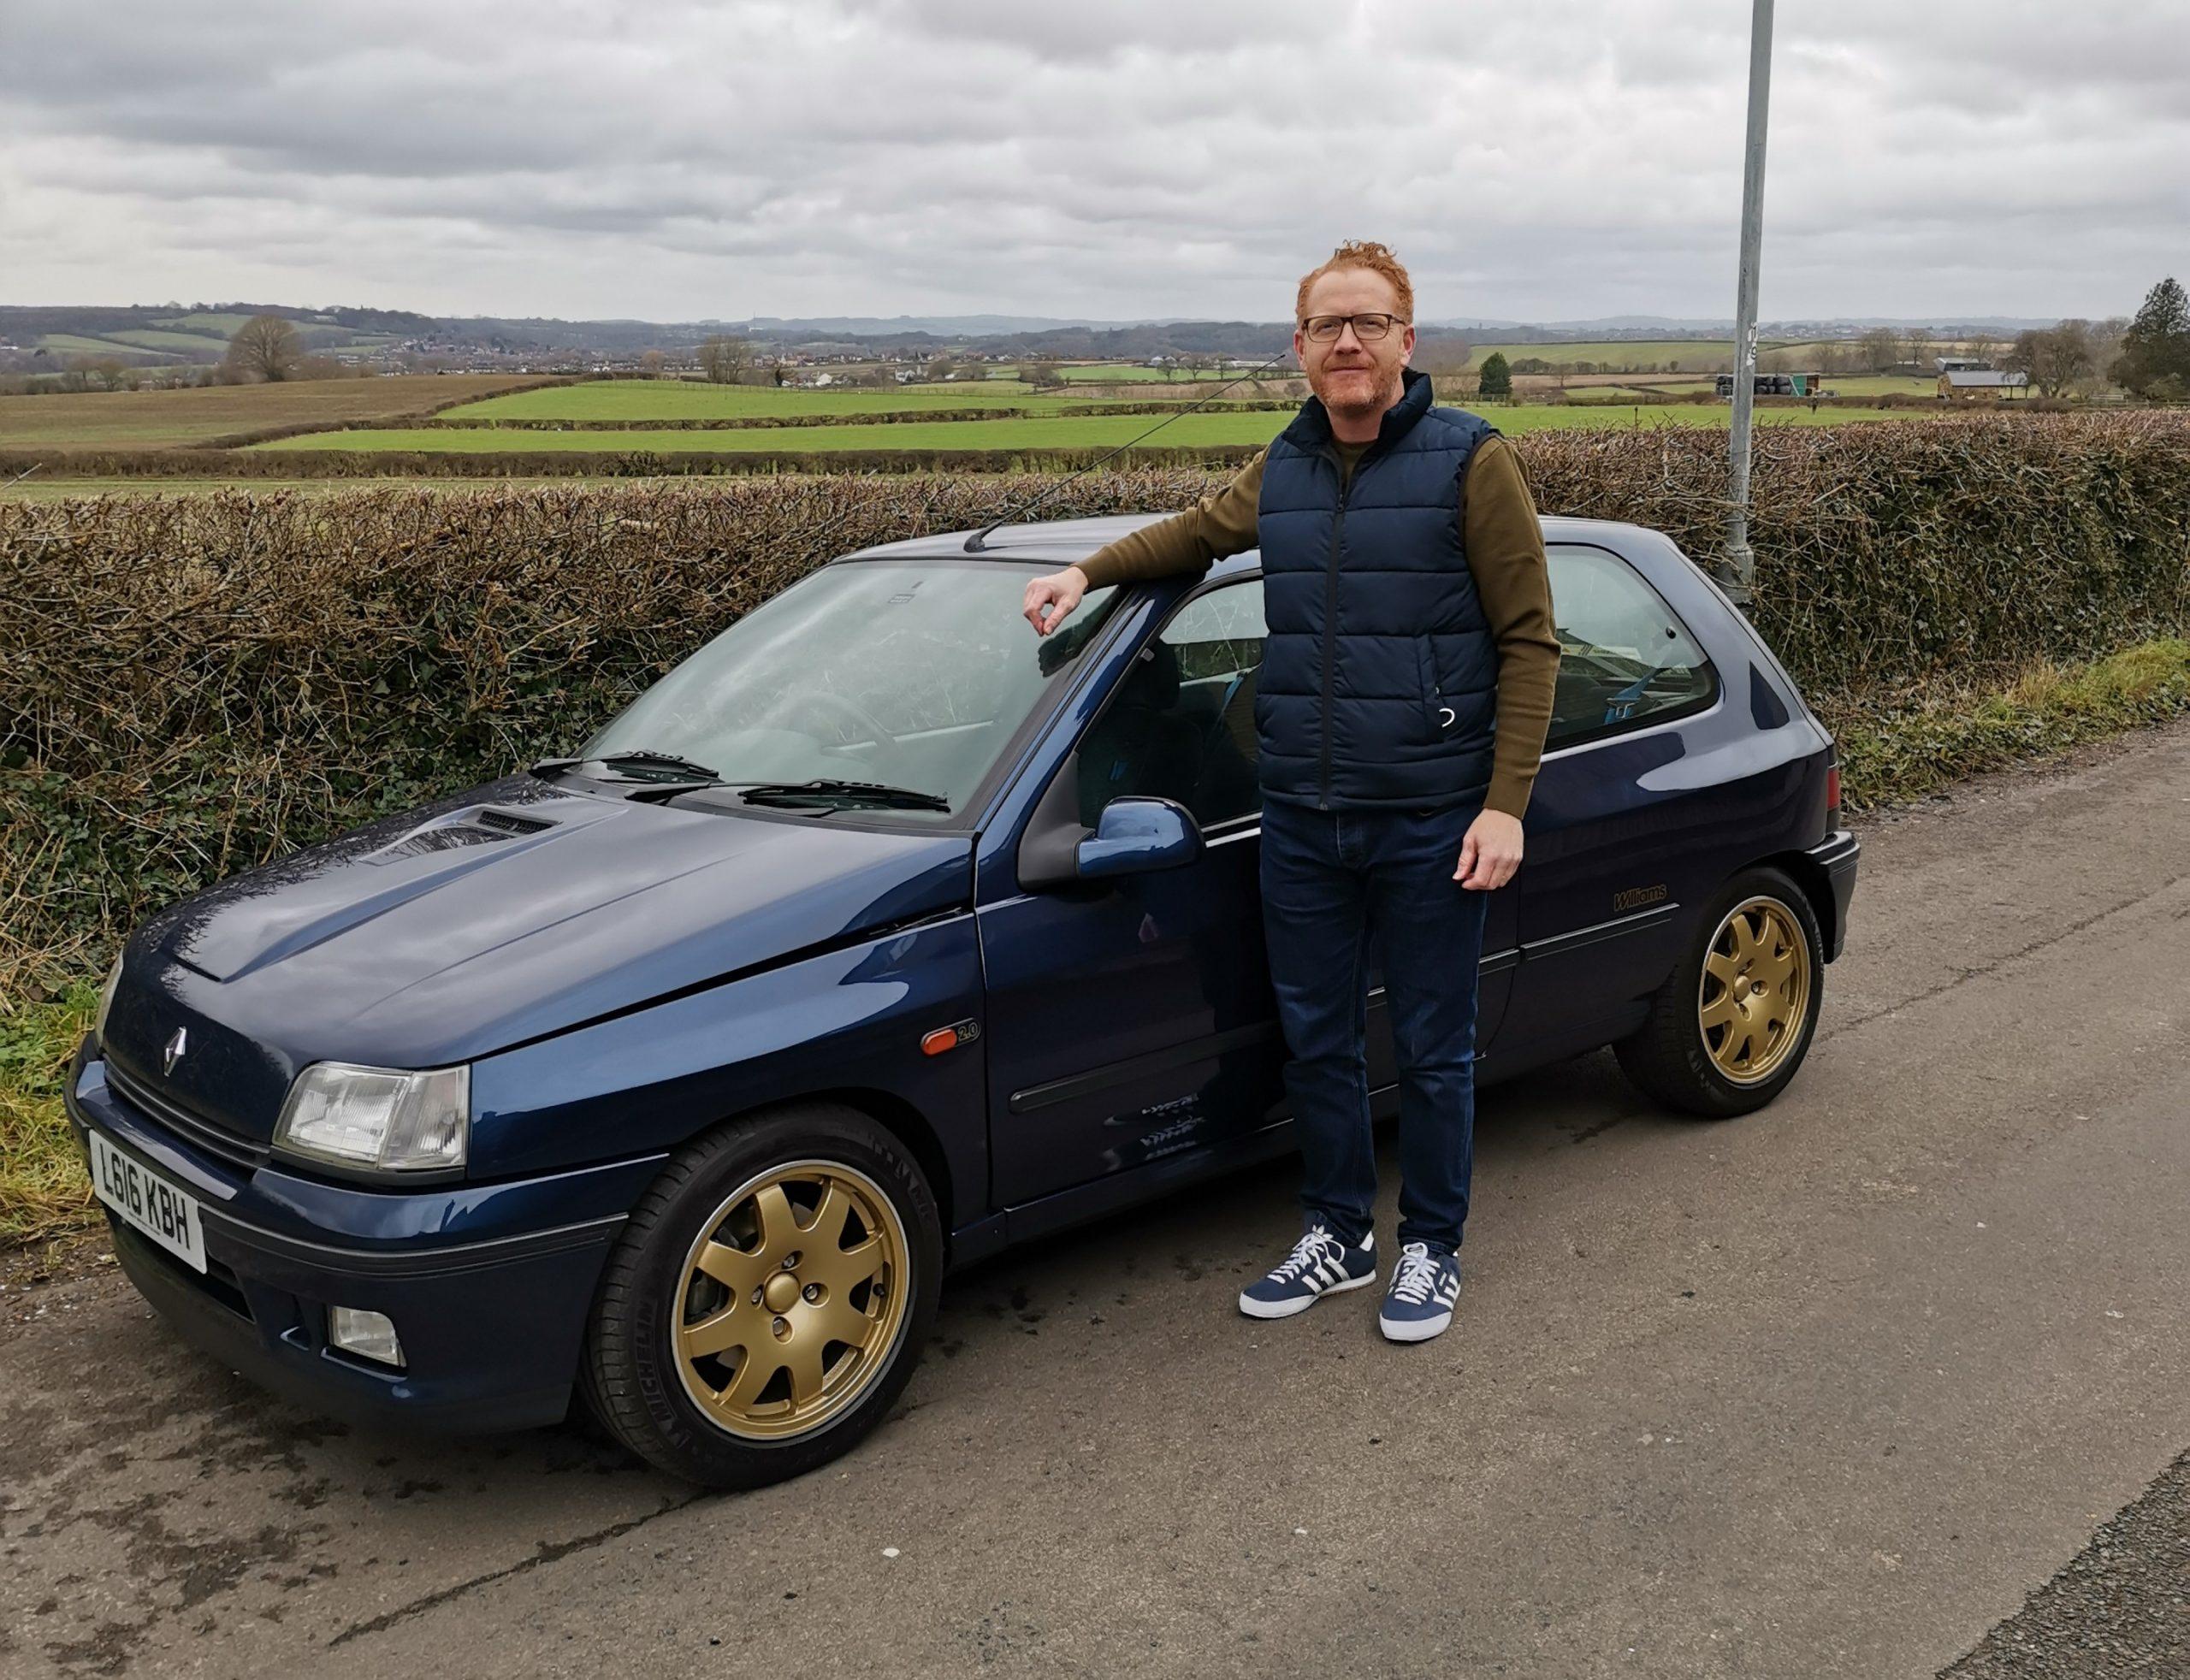 Your Classics: Lee Sunderland, 1994 Renault Clio Williams